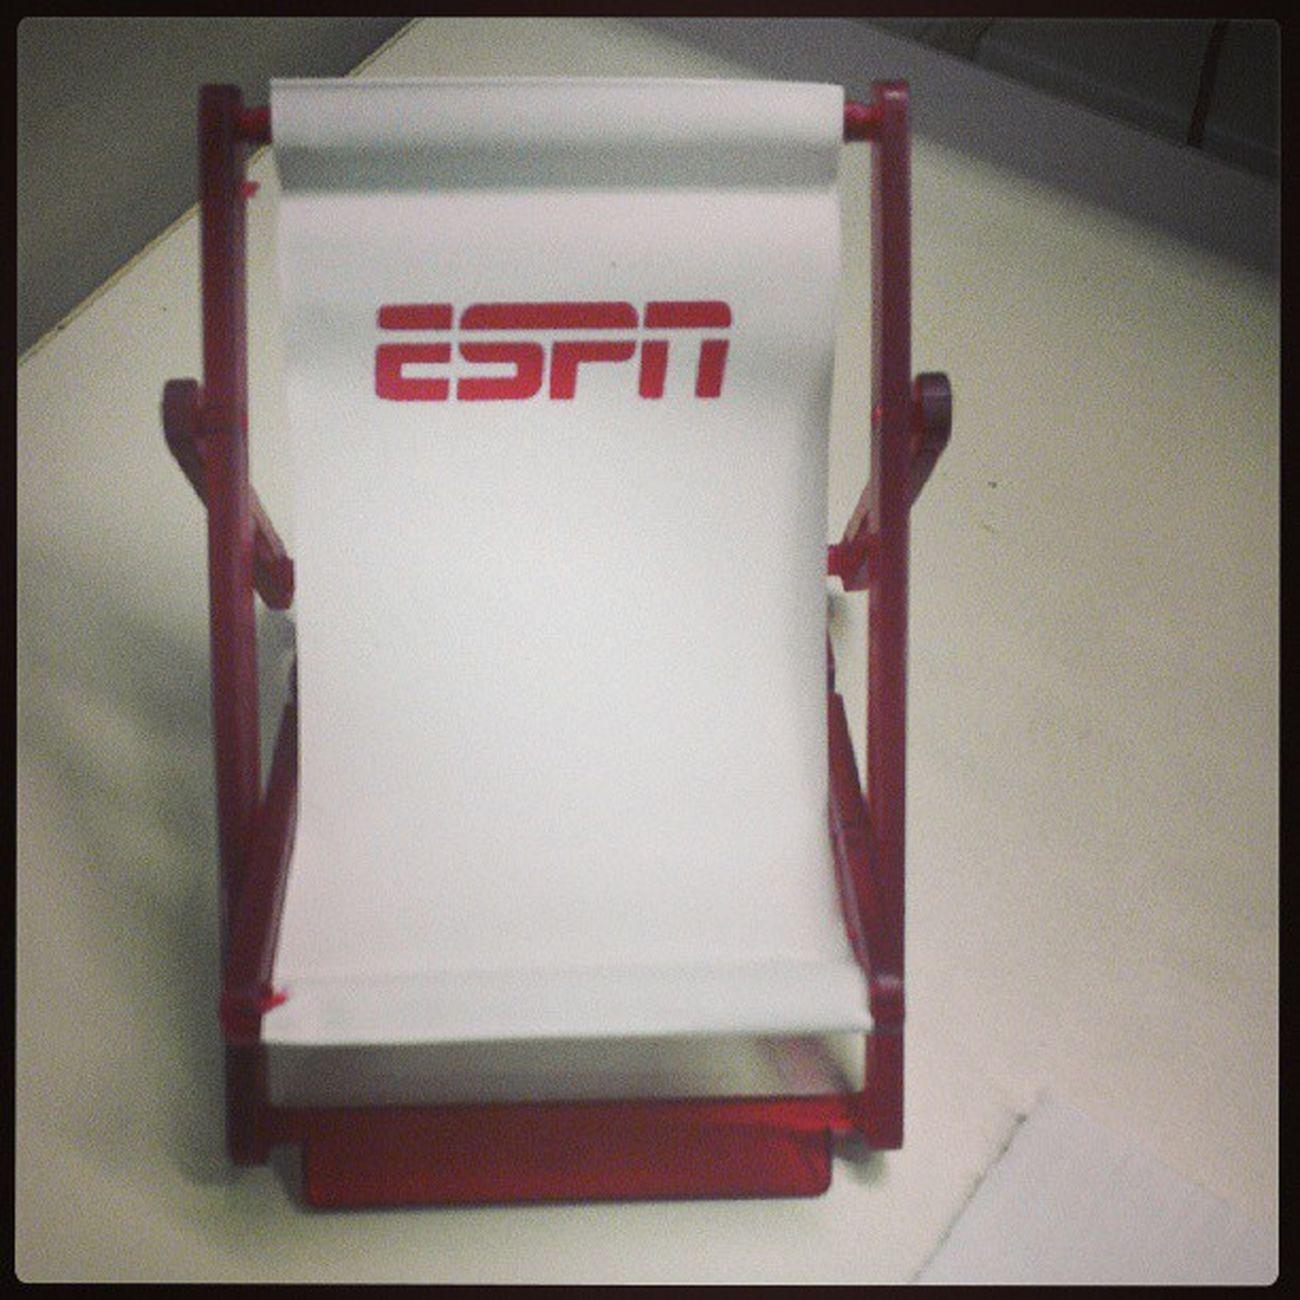 """Mais um Brinde da ESPN"""" Porta Celular"""". Coisa bouuuuaaa é a vida né. Porque trabalhar na NET é assim. ESPN Net Contaxnavegantes ."""